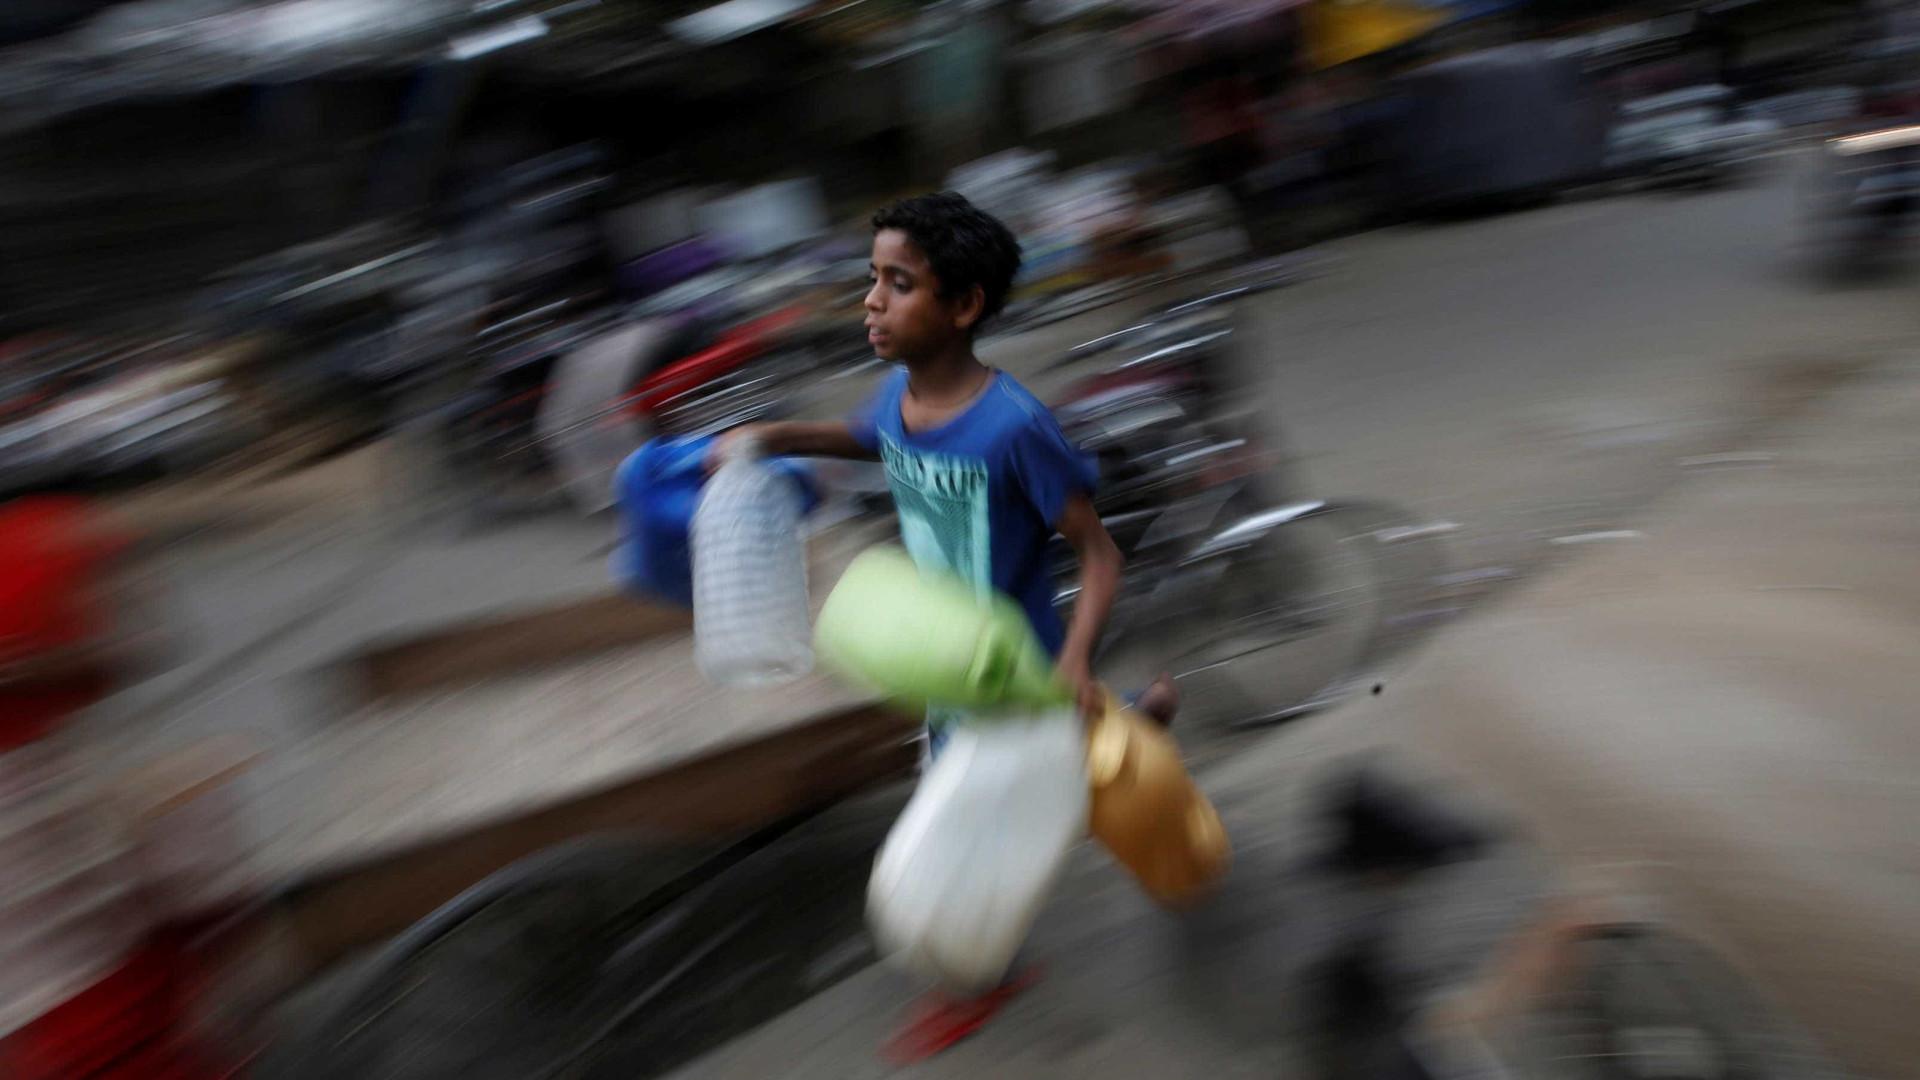 Índia: Cerca de 20% das crianças com menos de 5 anos desnutridas